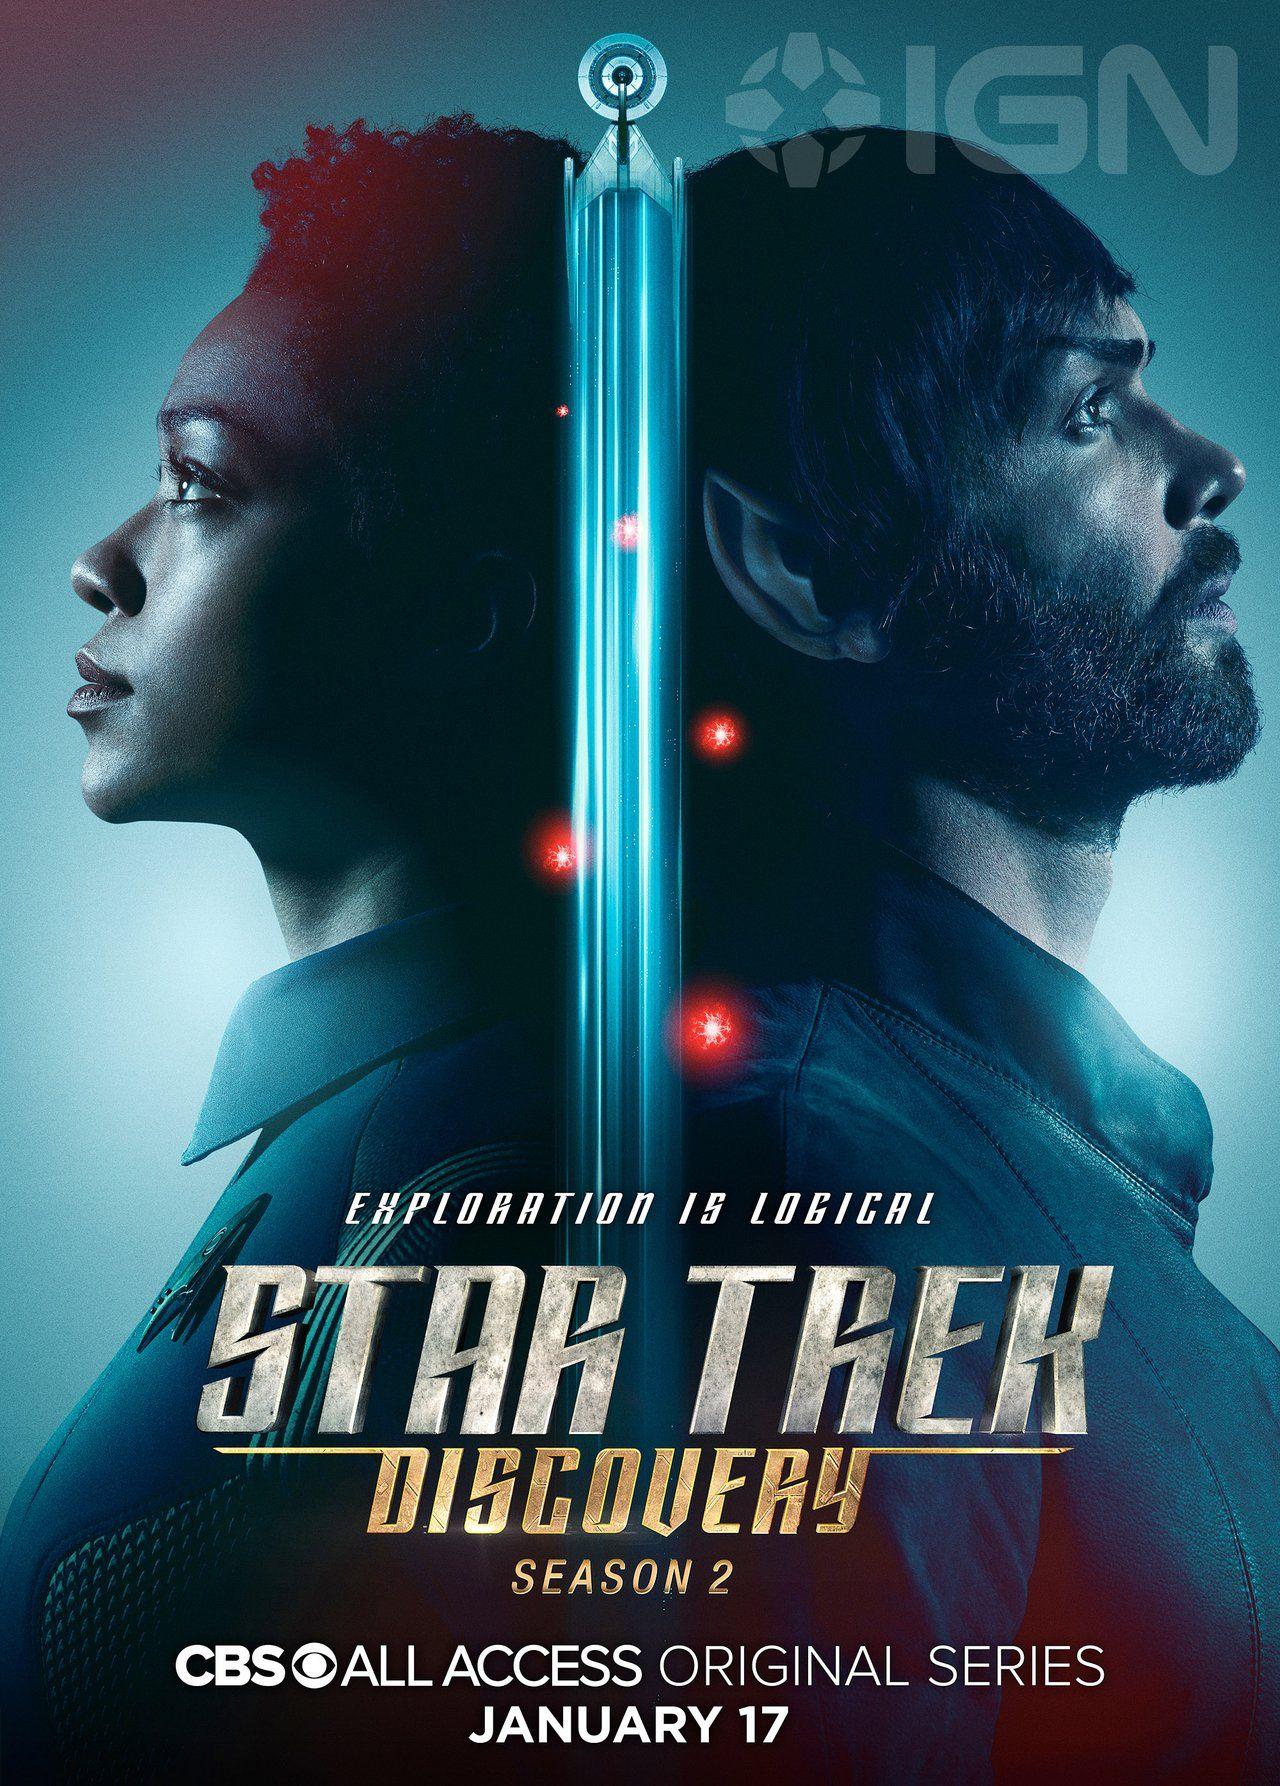 Star Trek Discovery Season 2 Posters Spotlight Spock And Captain Pike Ign Star Trek Tv Star Trek Star Trek Characters